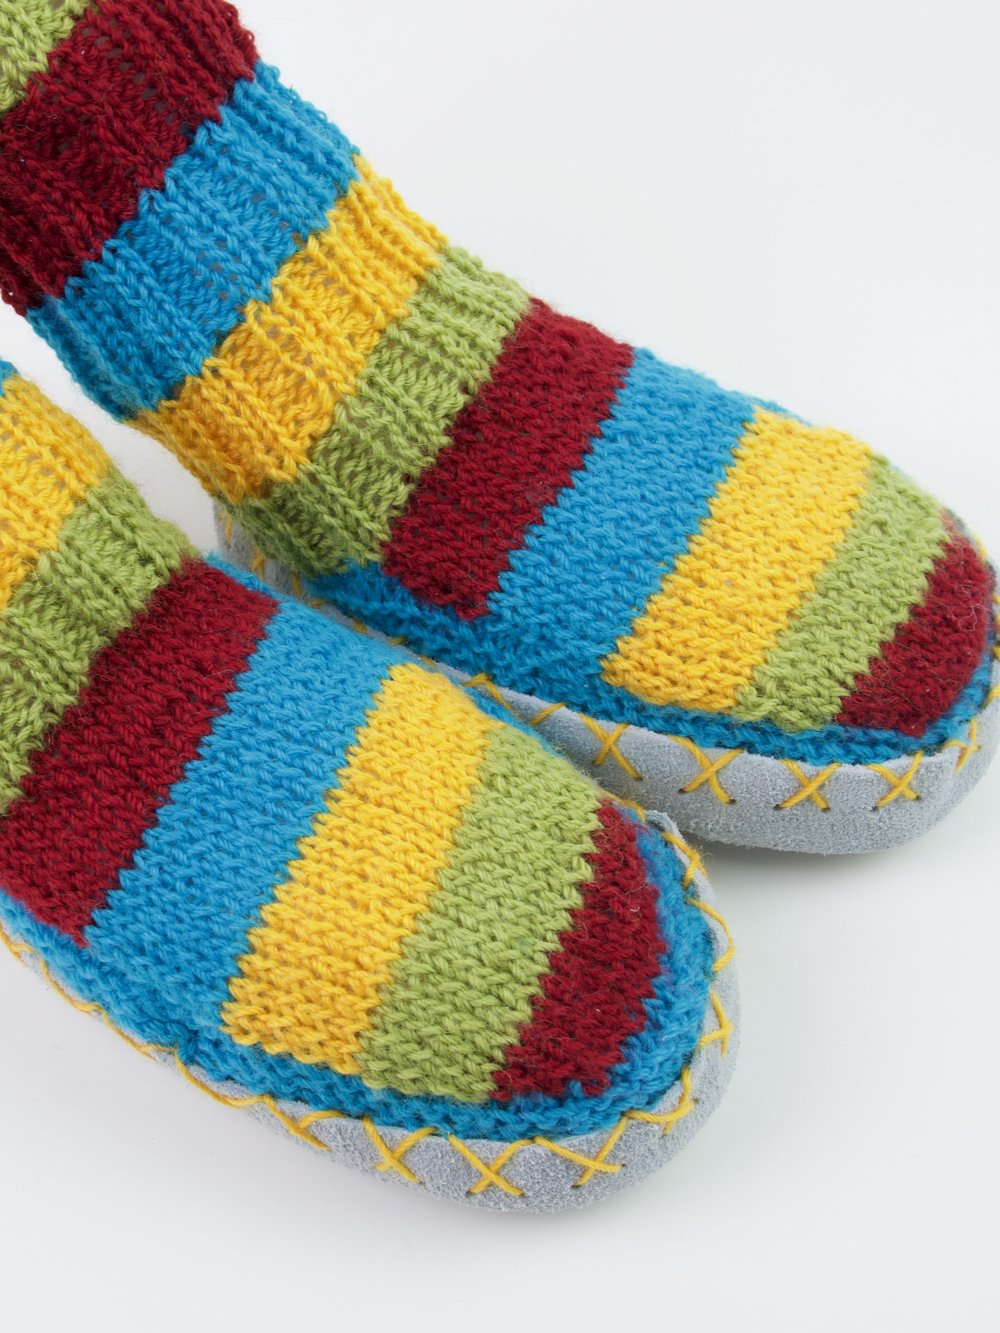 Baby-Hüttenschuhe stricken